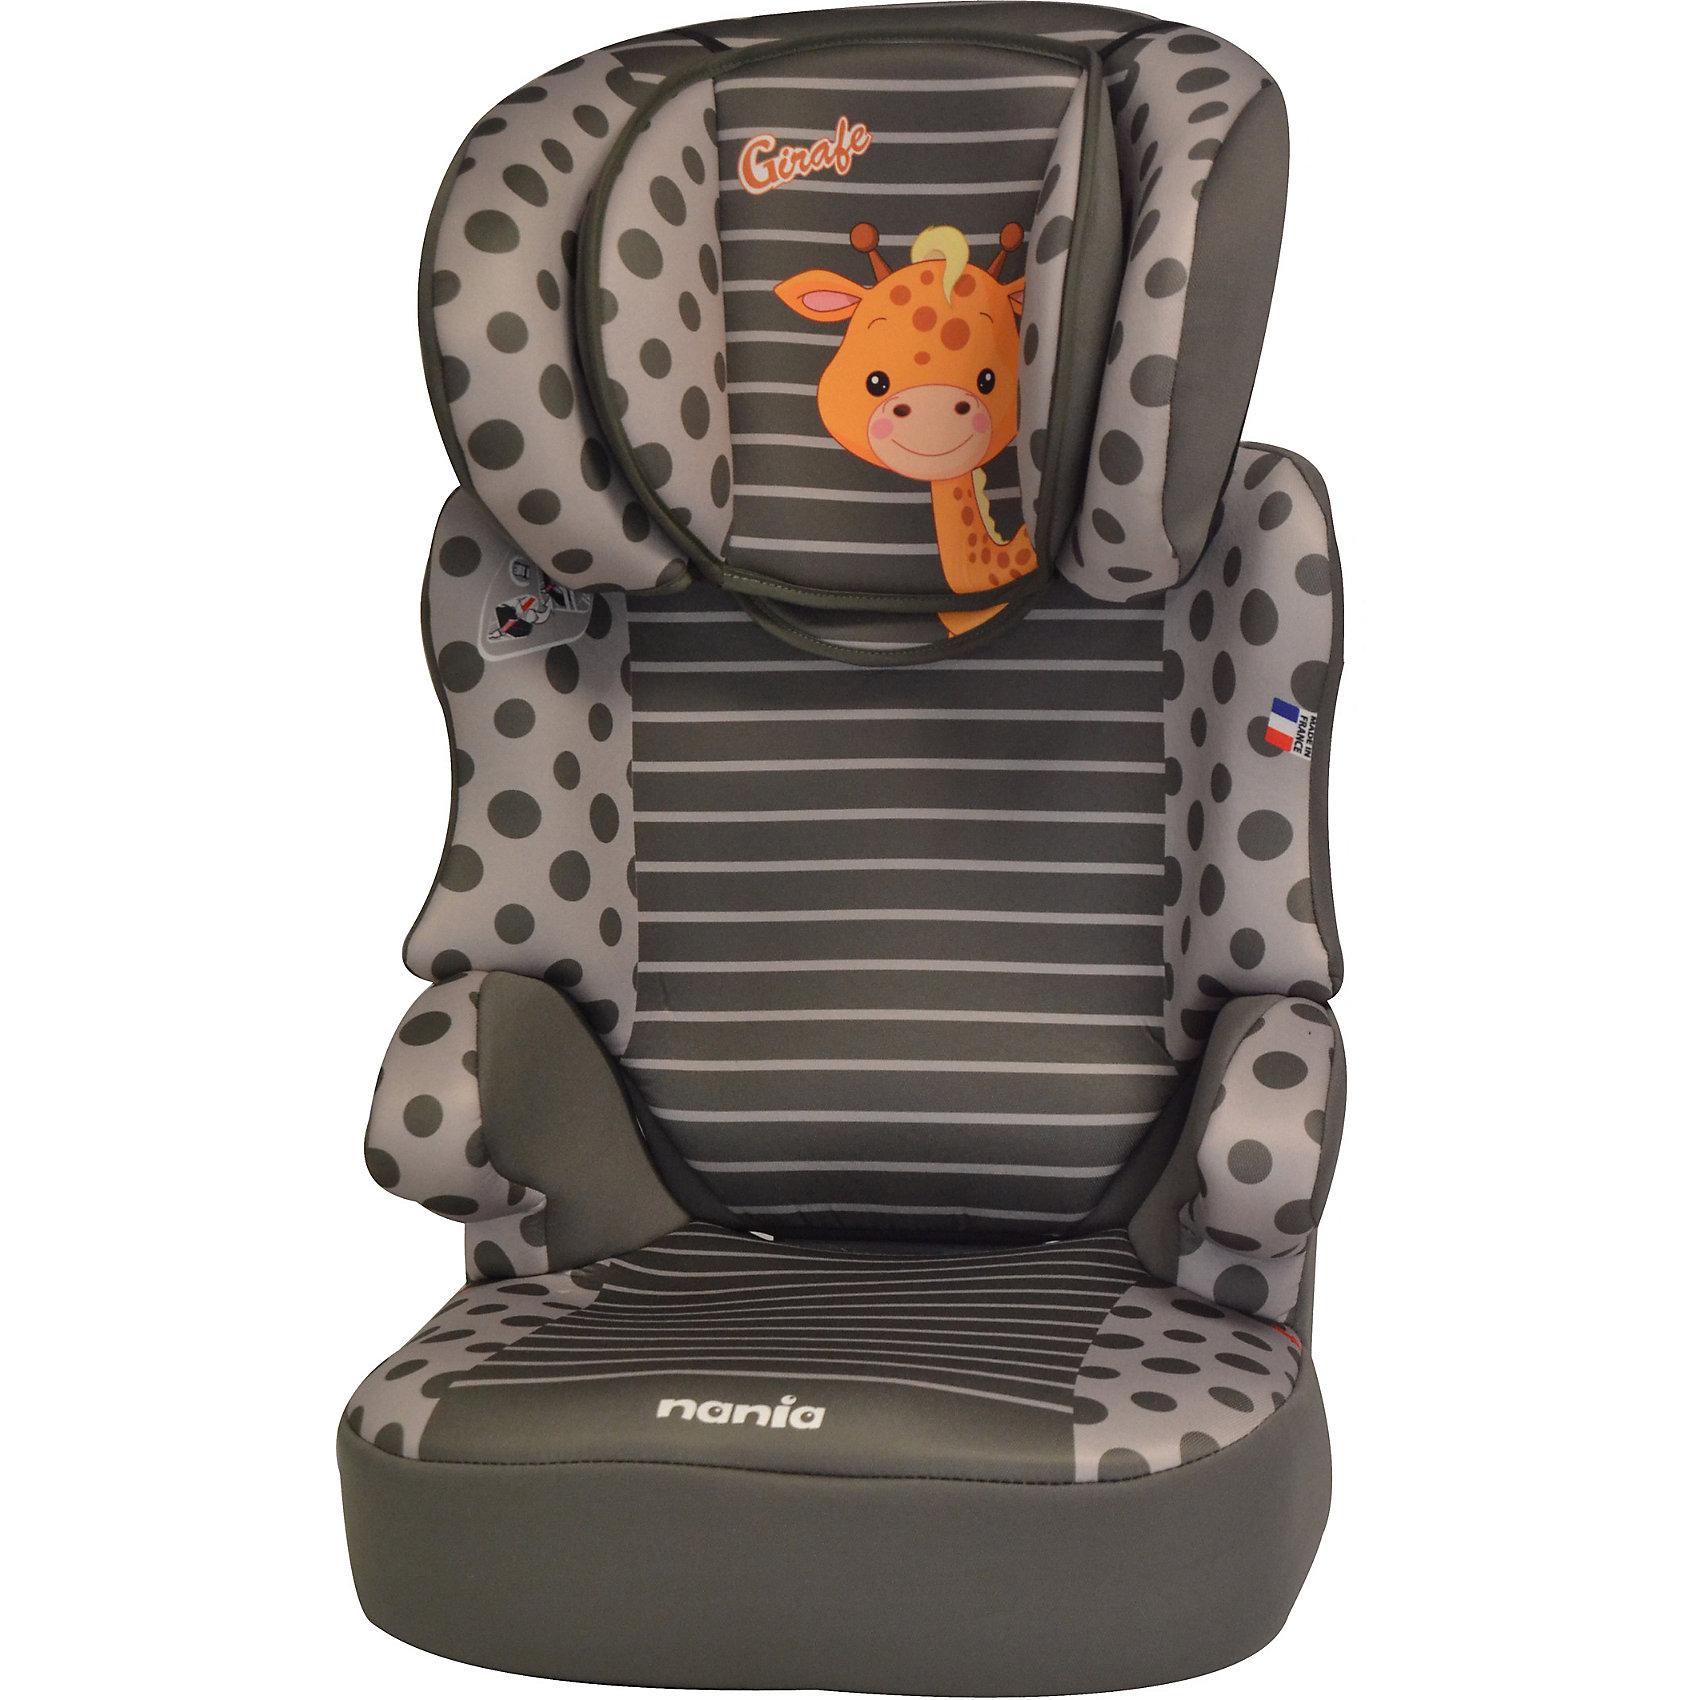 Автокресло Befix SP, 15-36 кг., Nania, girafeАвтокресло BeFix SP – это, фактически, два кресла в одном. Благодаря изменению высоты спинки, которая снимается и точной регулировке подголовника детям от 3 до 12 лет будет очень комфортно путешествовать в нем. Анатомически сформированное автокресло BeFix SP с мягкой подкладкой обеспечивает удобство, даже во время долговременных путешествий. Конструкция кресла обеспечивает идеально правильное положение автомобильного ремня на теле ребёнка. Усиленная боковая защита SP – Side Protection убережёт ребёнка от серьезный травм во время бокового столкновения. <br>Вы без труда закрепите кресло в салоне Вашего автомобиля с помощью штатных ремней безопасности. Когда малыш подрастёт, Вы легко снимите спинку и будете использовать кресло в качестве бустера. Кресло очень легко содержать в чистоте, все тканые части можно снять и постирать. <br><br>Дополнительная информация:<br><br>- Группа: 2/3 (15-36) кг, примерно от 3 до 12 лет;<br>- Имеет европейский сертификат безопасности по строжайшим нормам ЕСЕ R44/04; <br>- Подголовник кресла регулируется в шести разных положениях по высоте;<br>- SP - side protection - улучшенная боковая защита;<br>- Кресло крепится штатными ремнями автомобиля;<br>- Регулируемая по высоте съемная спинка и бустер;<br>- Обеспечивает правильное расположение автомобильного ремня;<br>- Анатомически правильно сформированное сидение с мягкой подкладкой;<br>- Съемные чехлы (возможна ручная стирка при температуре 30°);<br>- Размеры: 40 х 47 х 70 см;<br>- Вес: 5 кг.<br><br>Автокресло Befix SP, 15-36 кг., Nania (Наниа), girafe, можно купить  в нашем интернет-магазине.<br><br>Ширина мм: 450<br>Глубина мм: 500<br>Высота мм: 710<br>Вес г: 8780<br>Возраст от месяцев: 48<br>Возраст до месяцев: 144<br>Пол: Унисекс<br>Возраст: Детский<br>SKU: 4405895